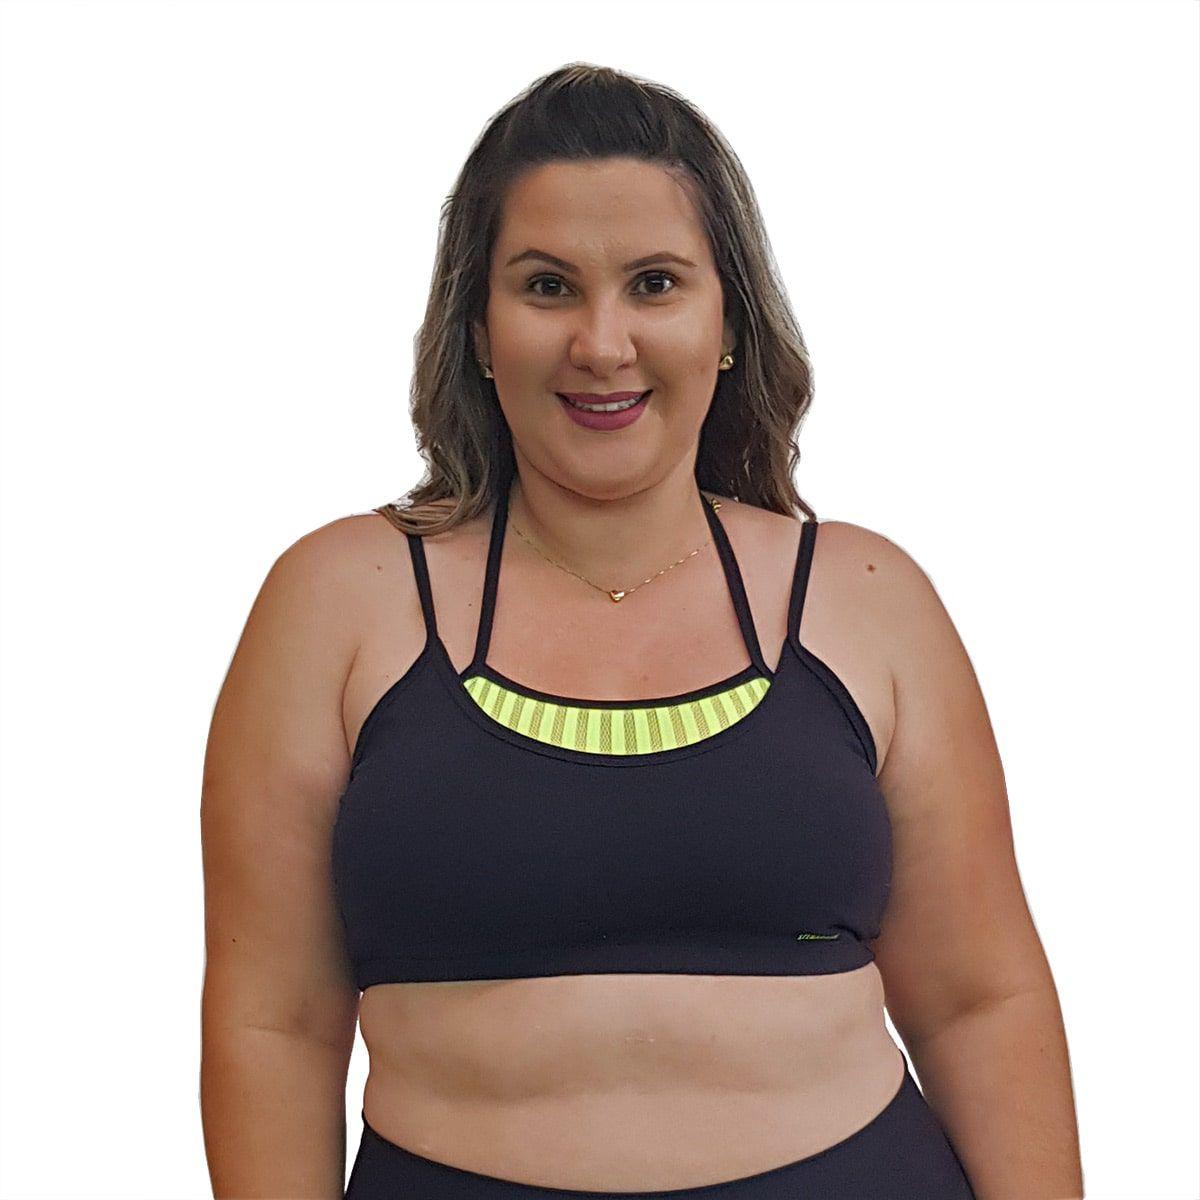 Top Fitness Plus Size com Alças Finas Duplas Preto e Detalhe em Tela Verde Fluorescente